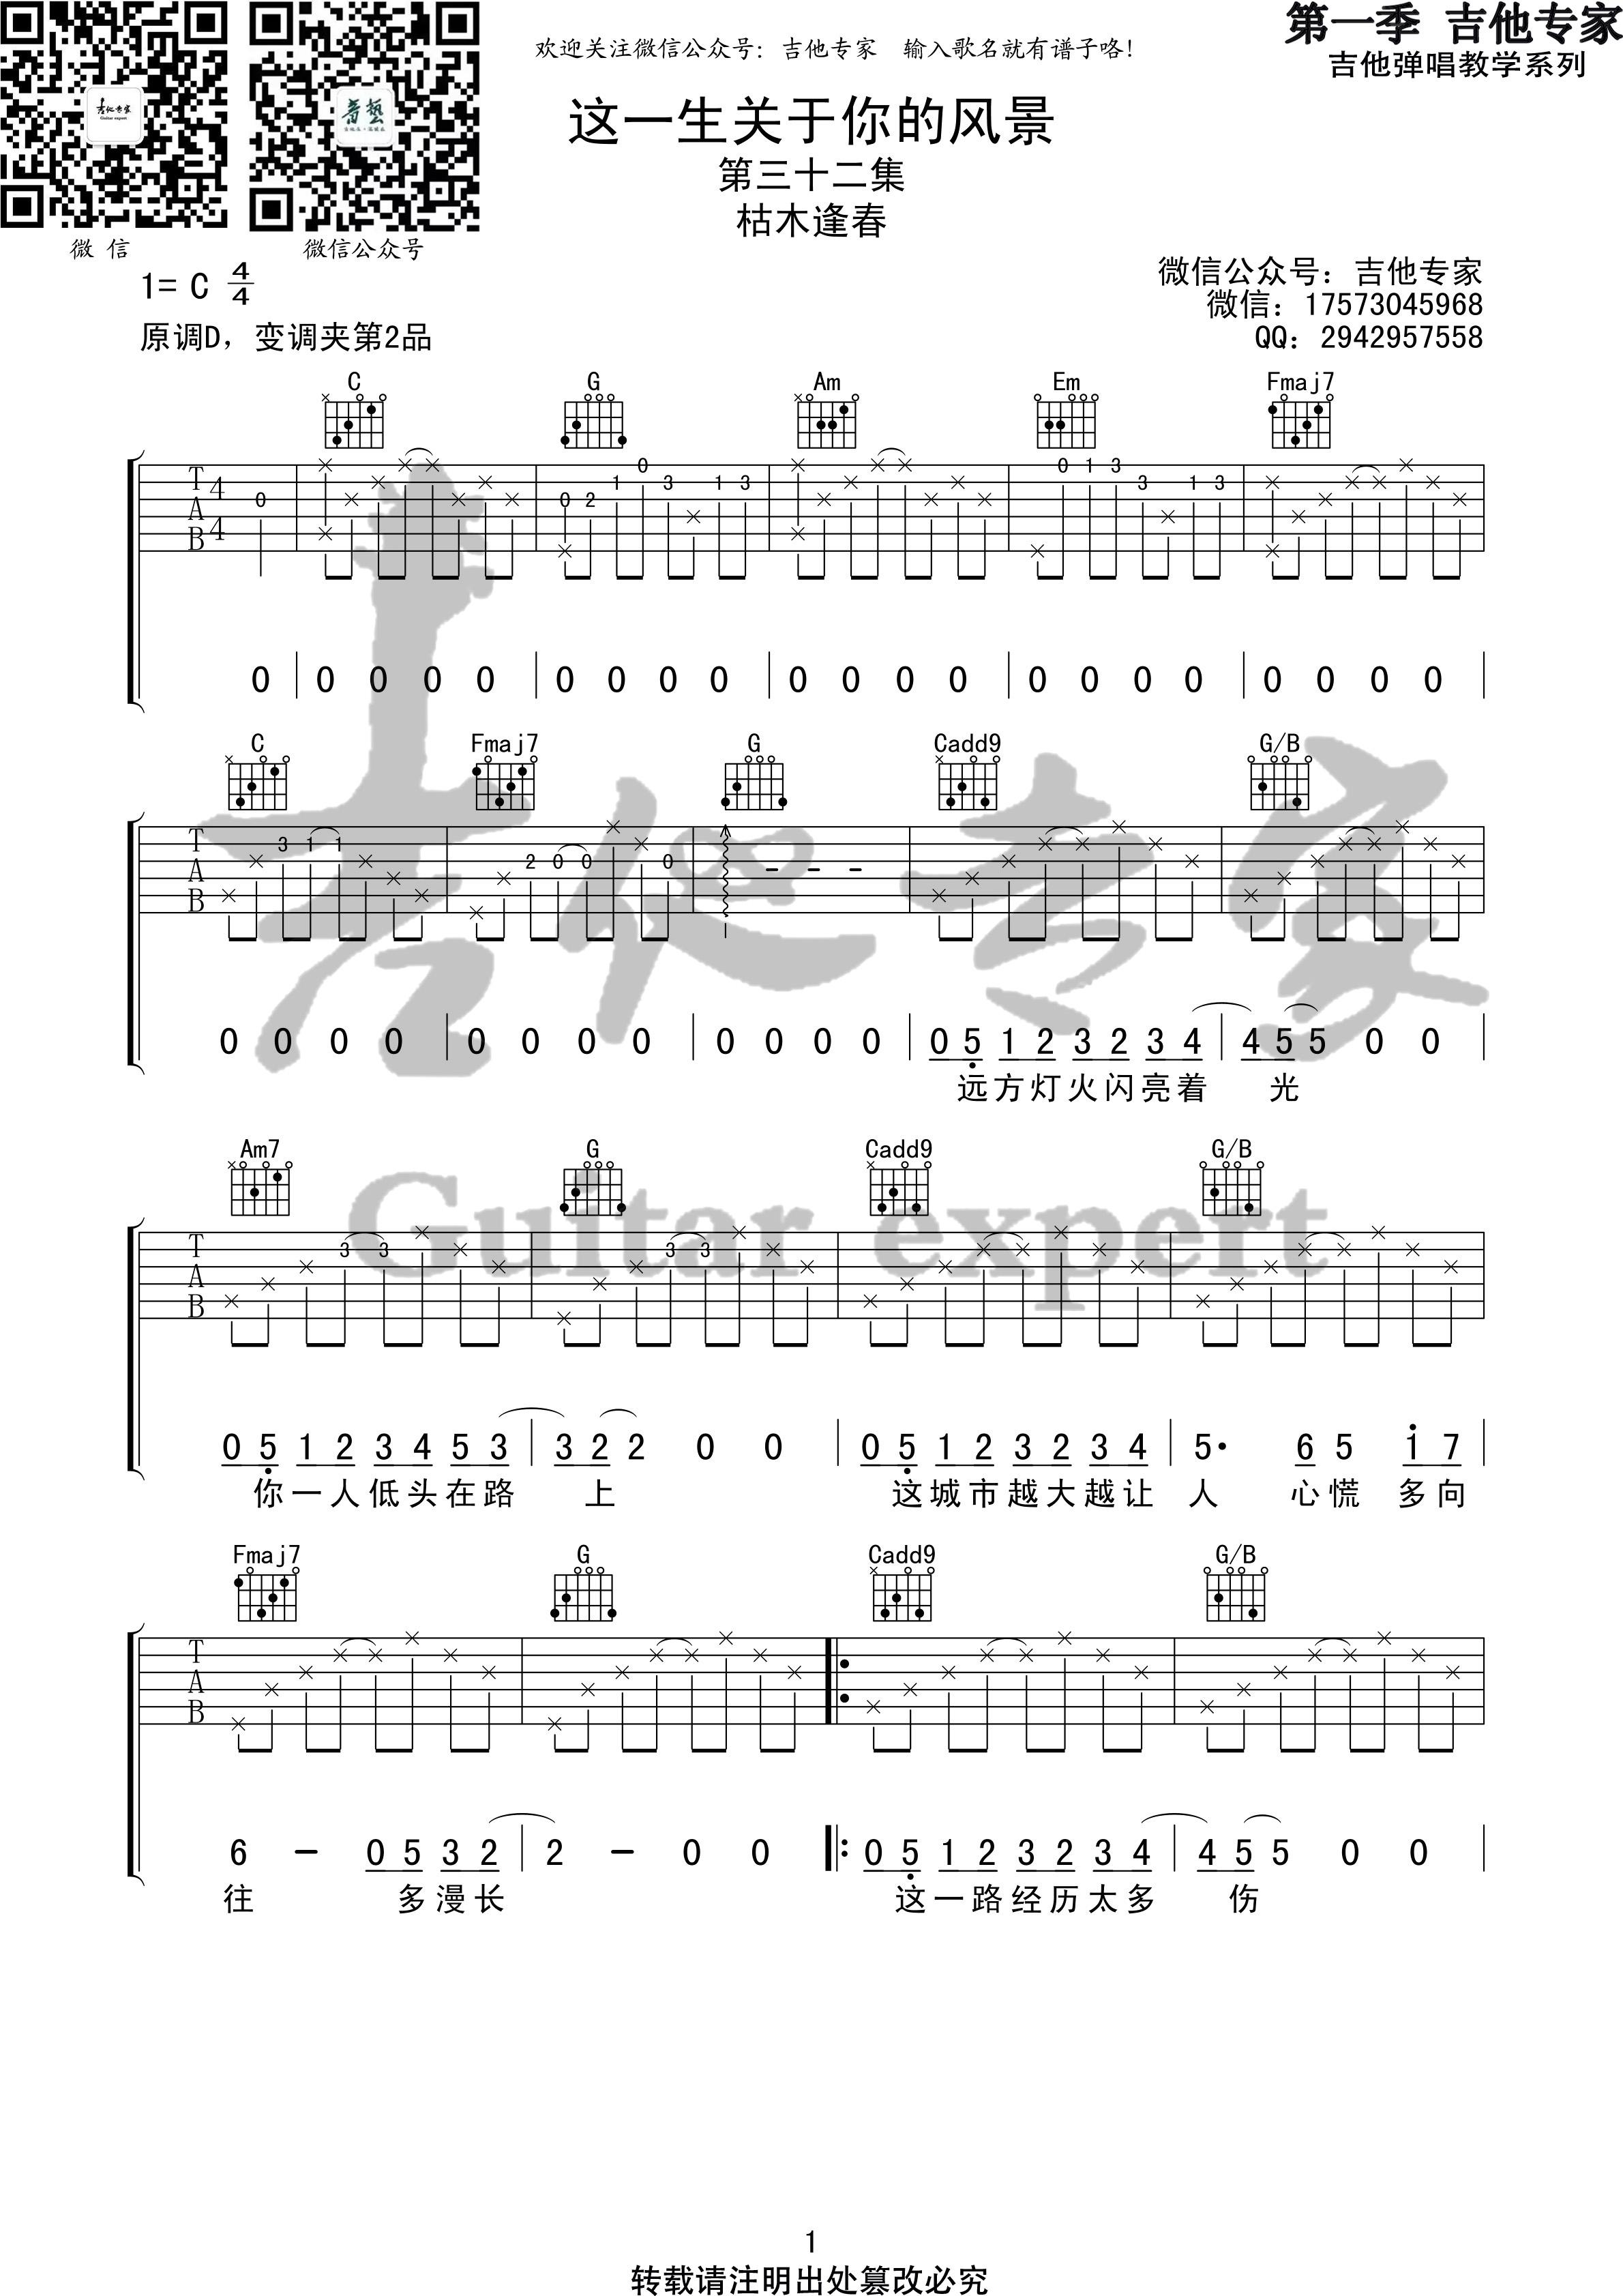 吉他派《这一生关于你的风景》吉他谱-1